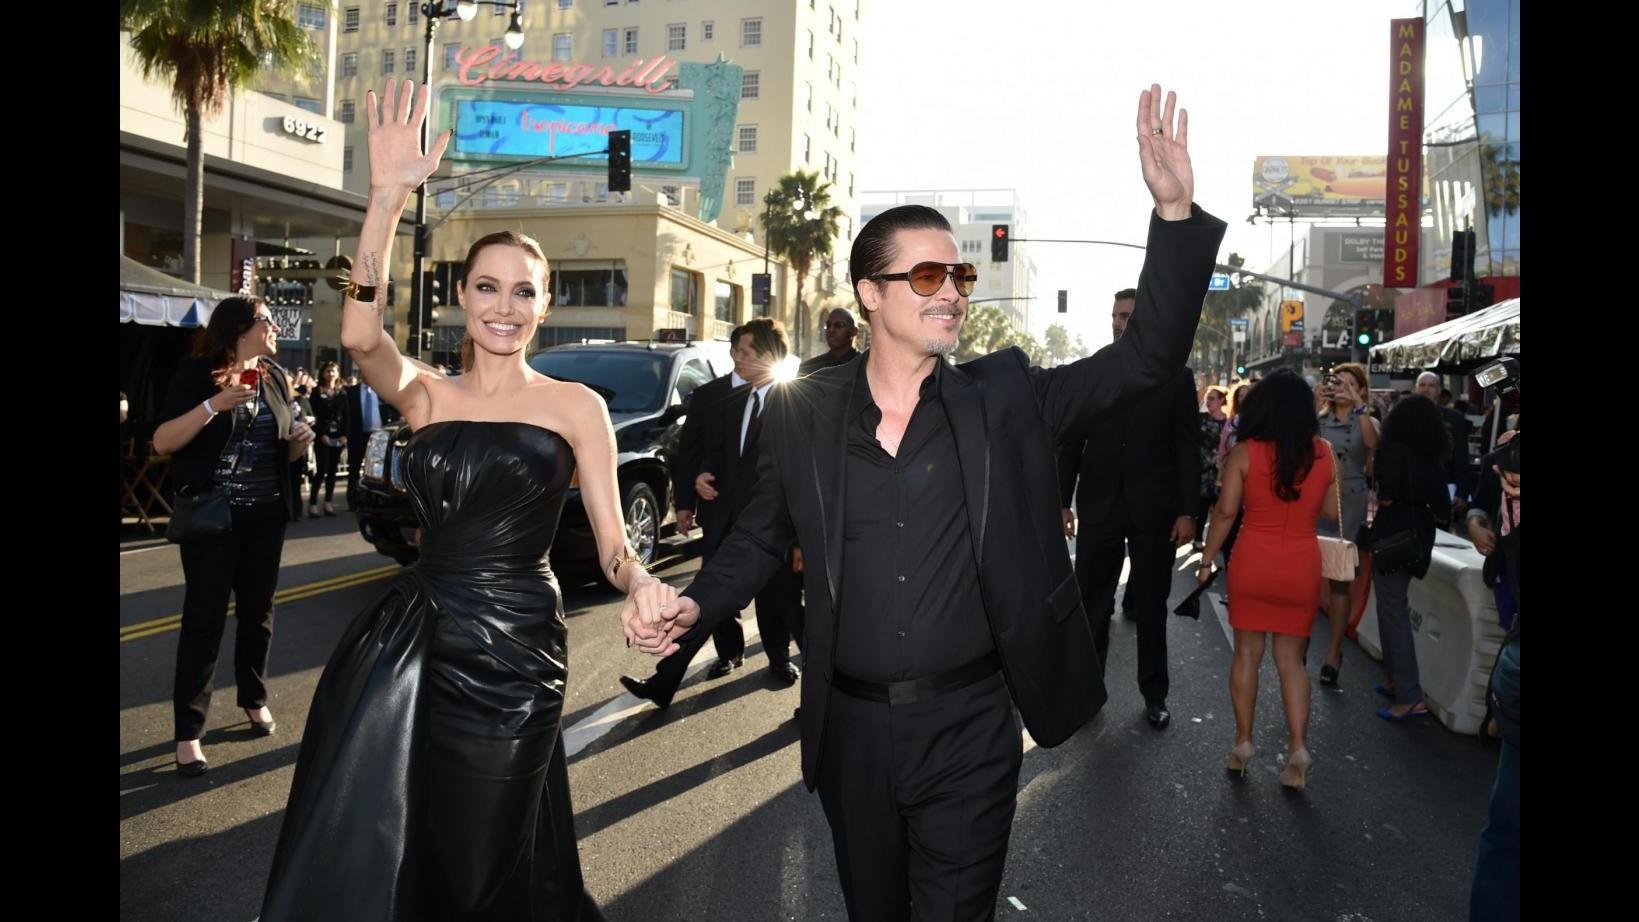 Usa, Brad Pitt attaccato a Hollywood: illeso. Assalitore arrestato